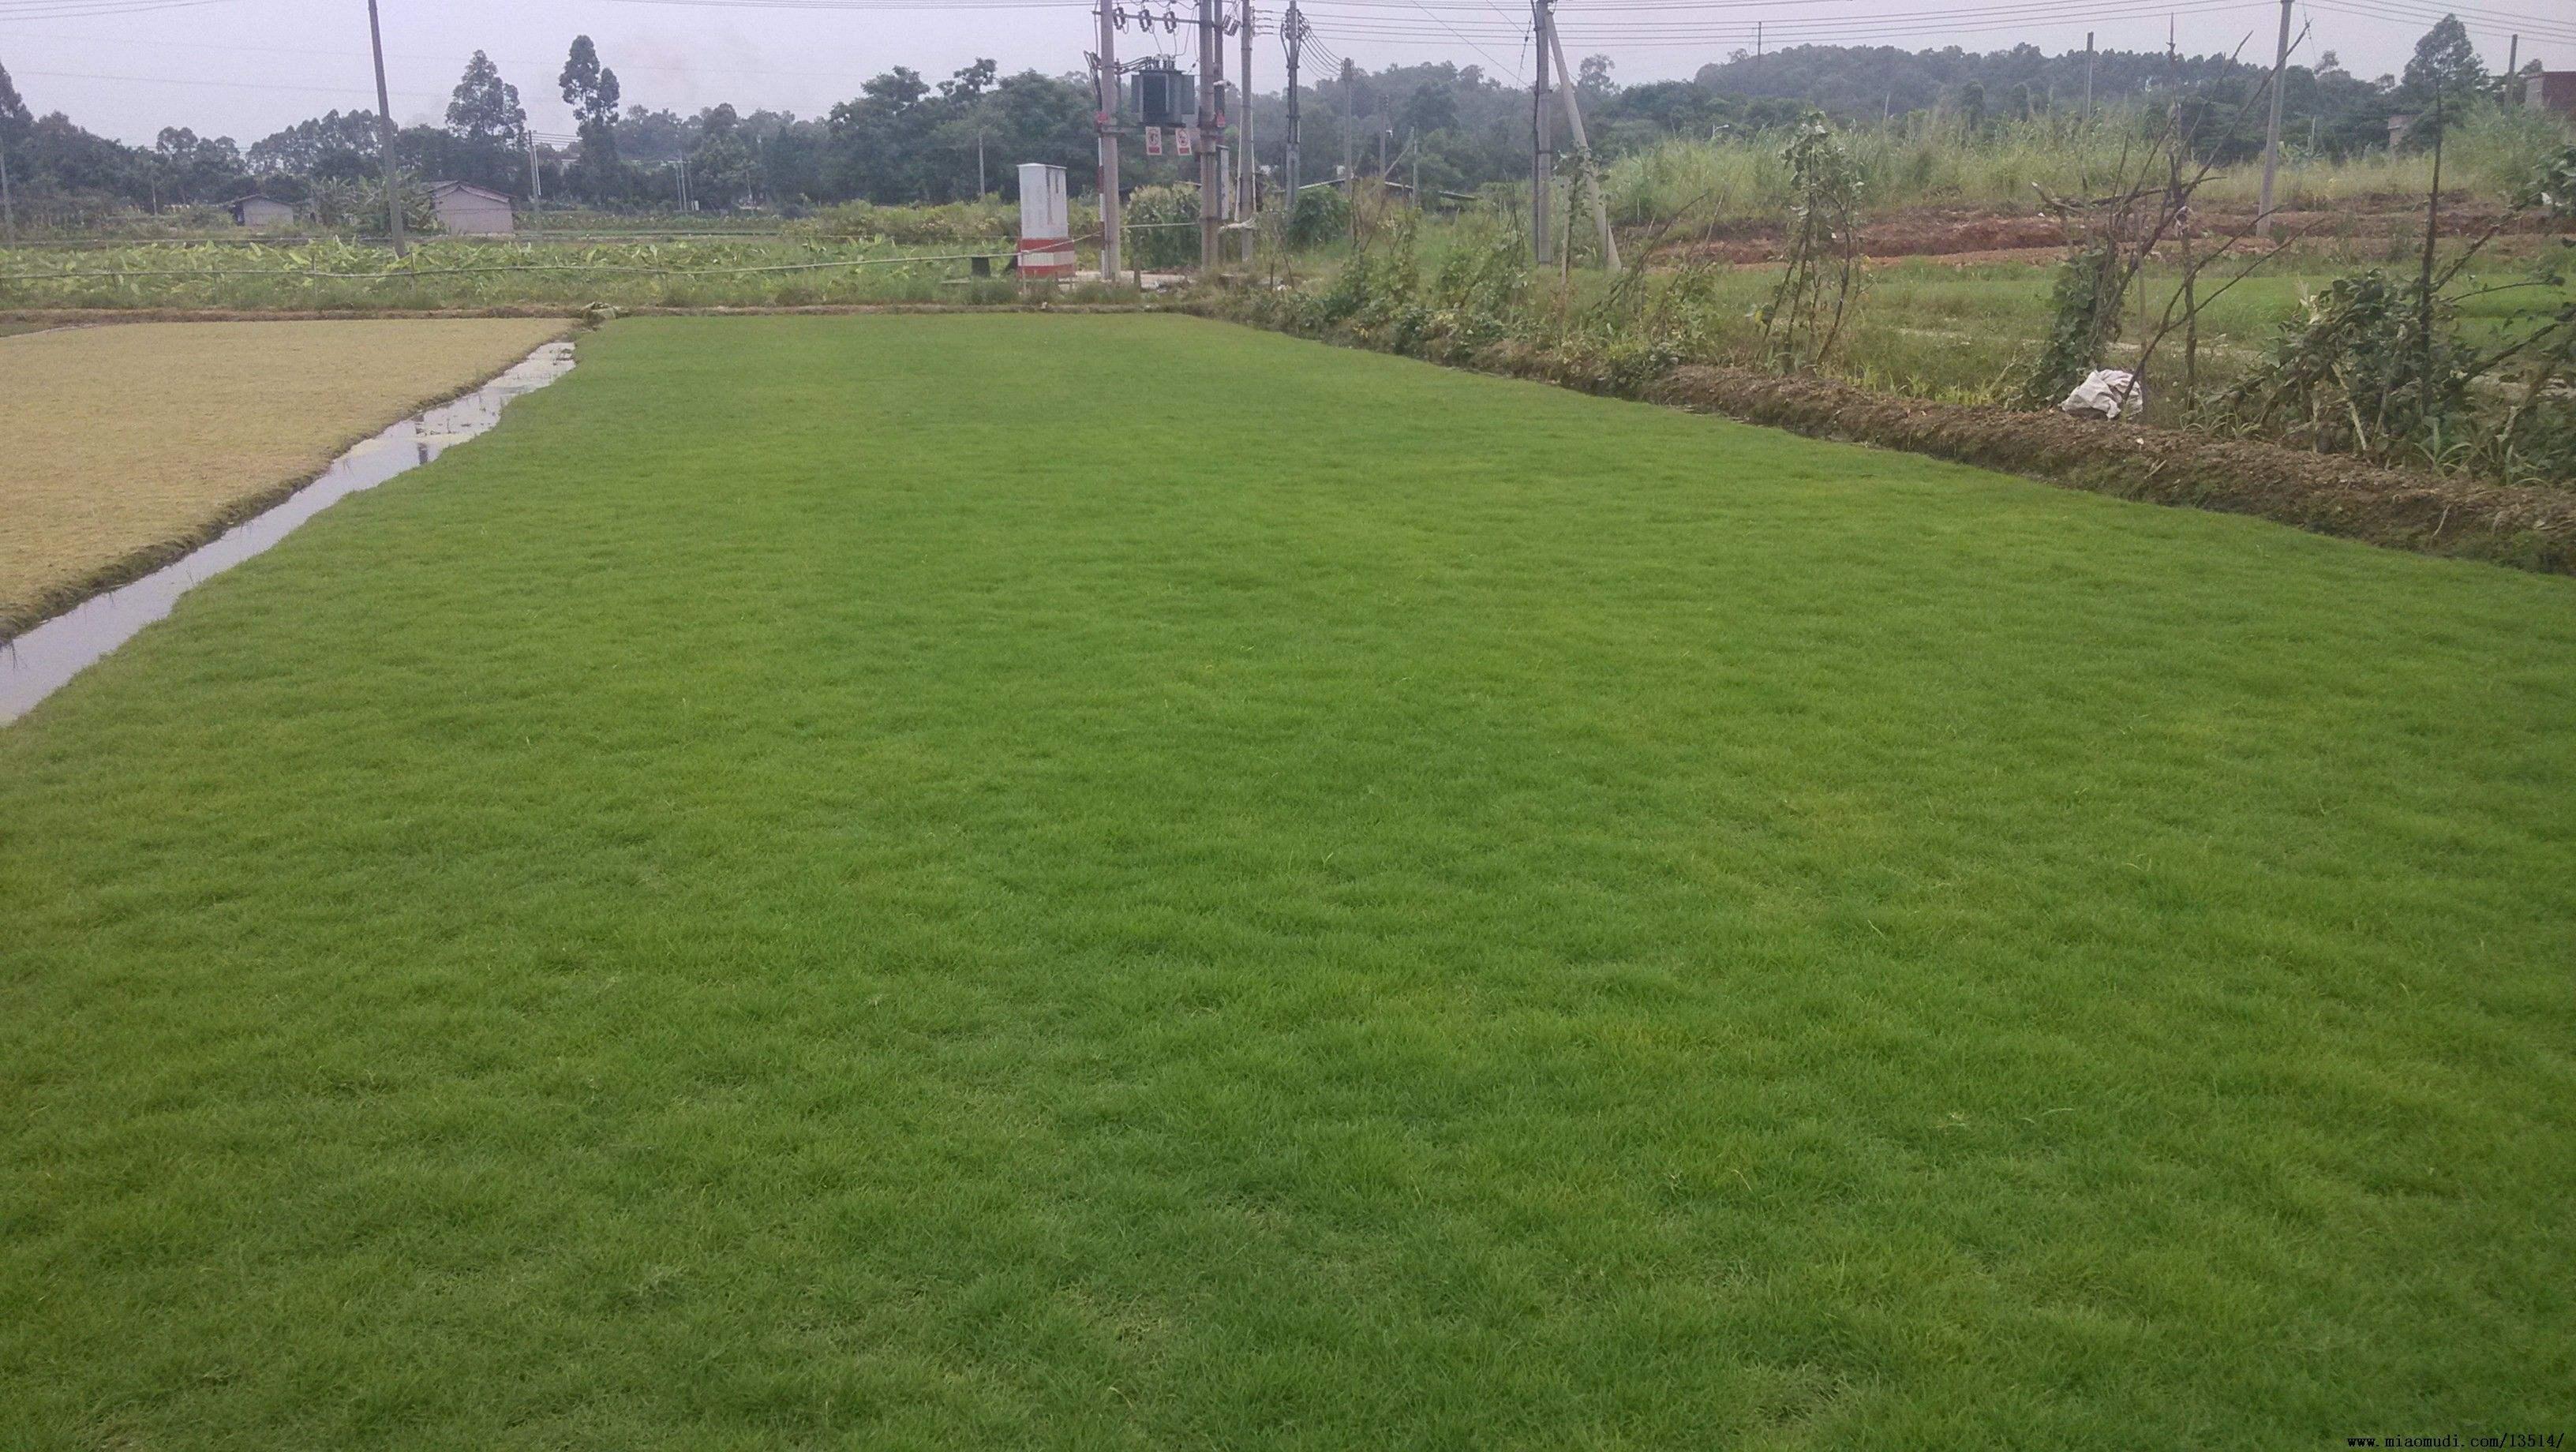 绿化冬季播的草籽价格多少